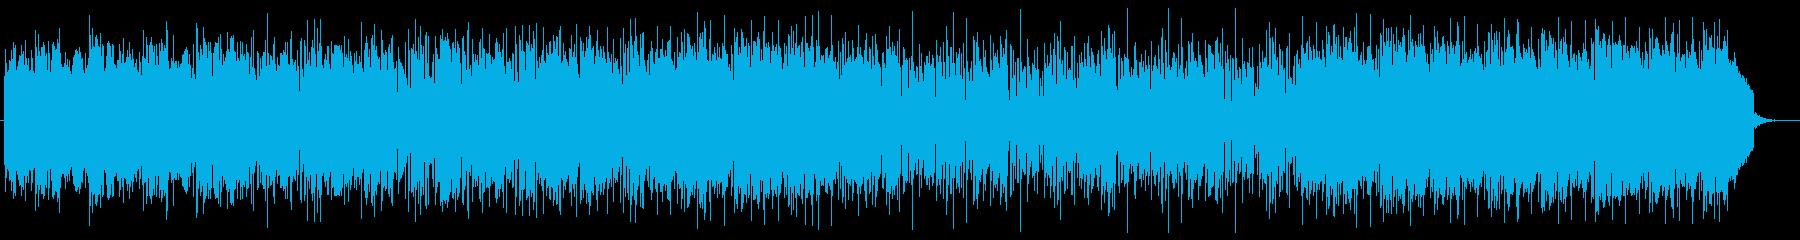 ストリングスによるバラードの再生済みの波形